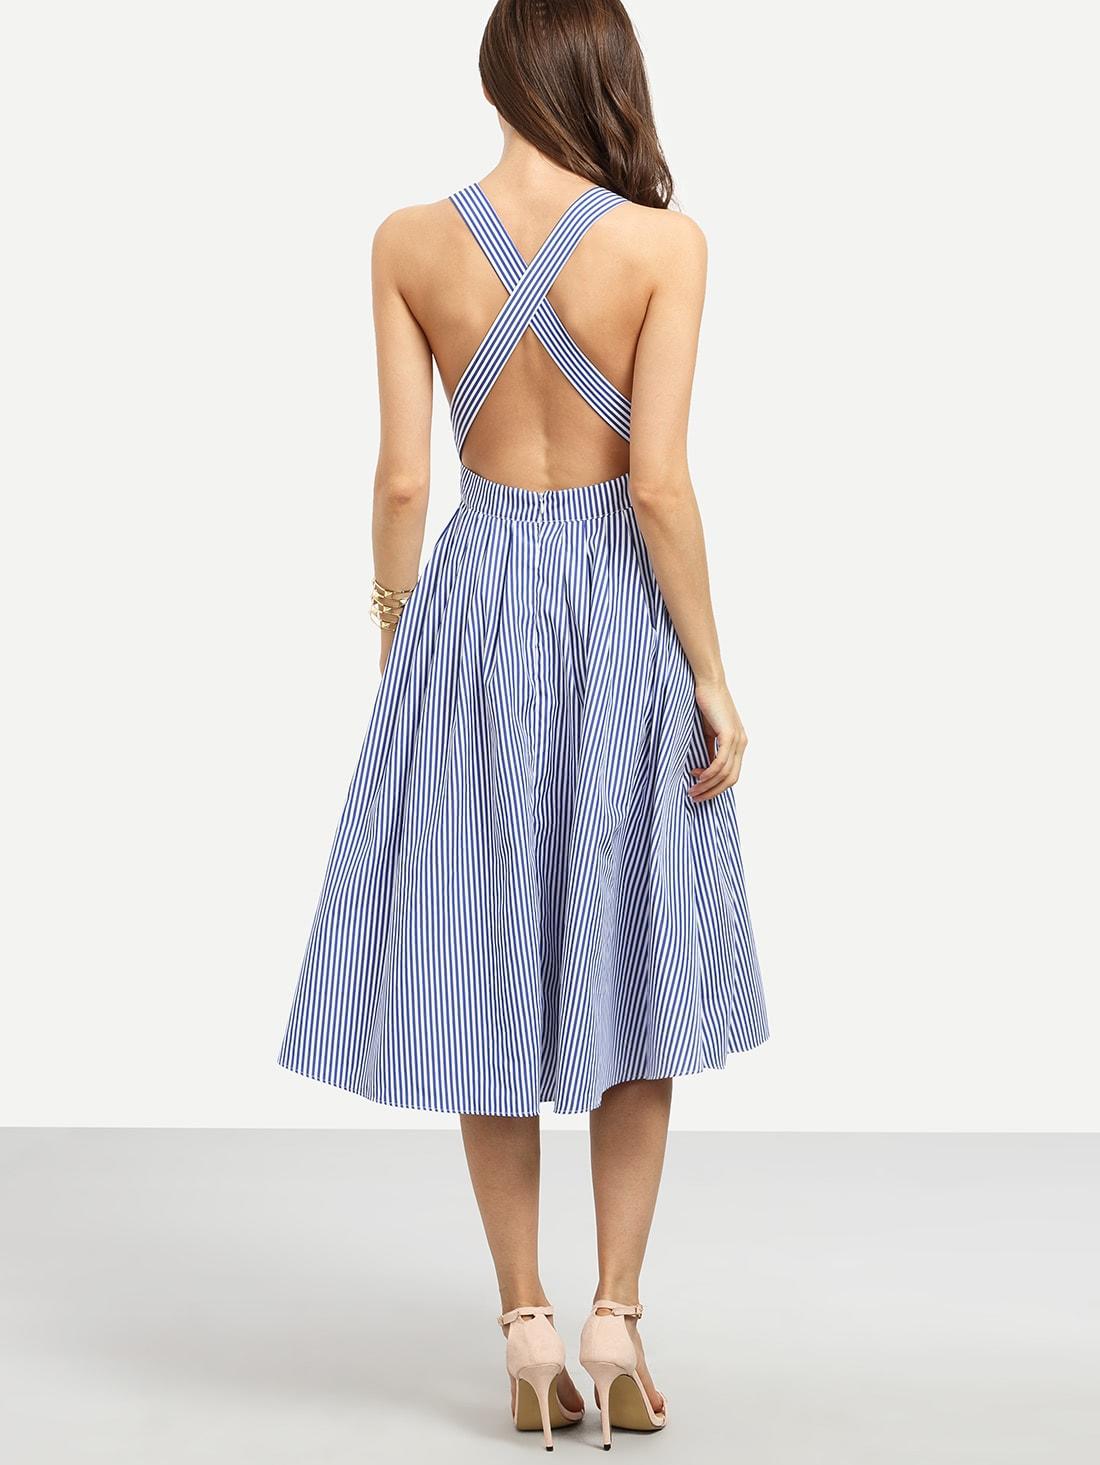 Striped Criss Cross Back Swing Dress Shein Uk